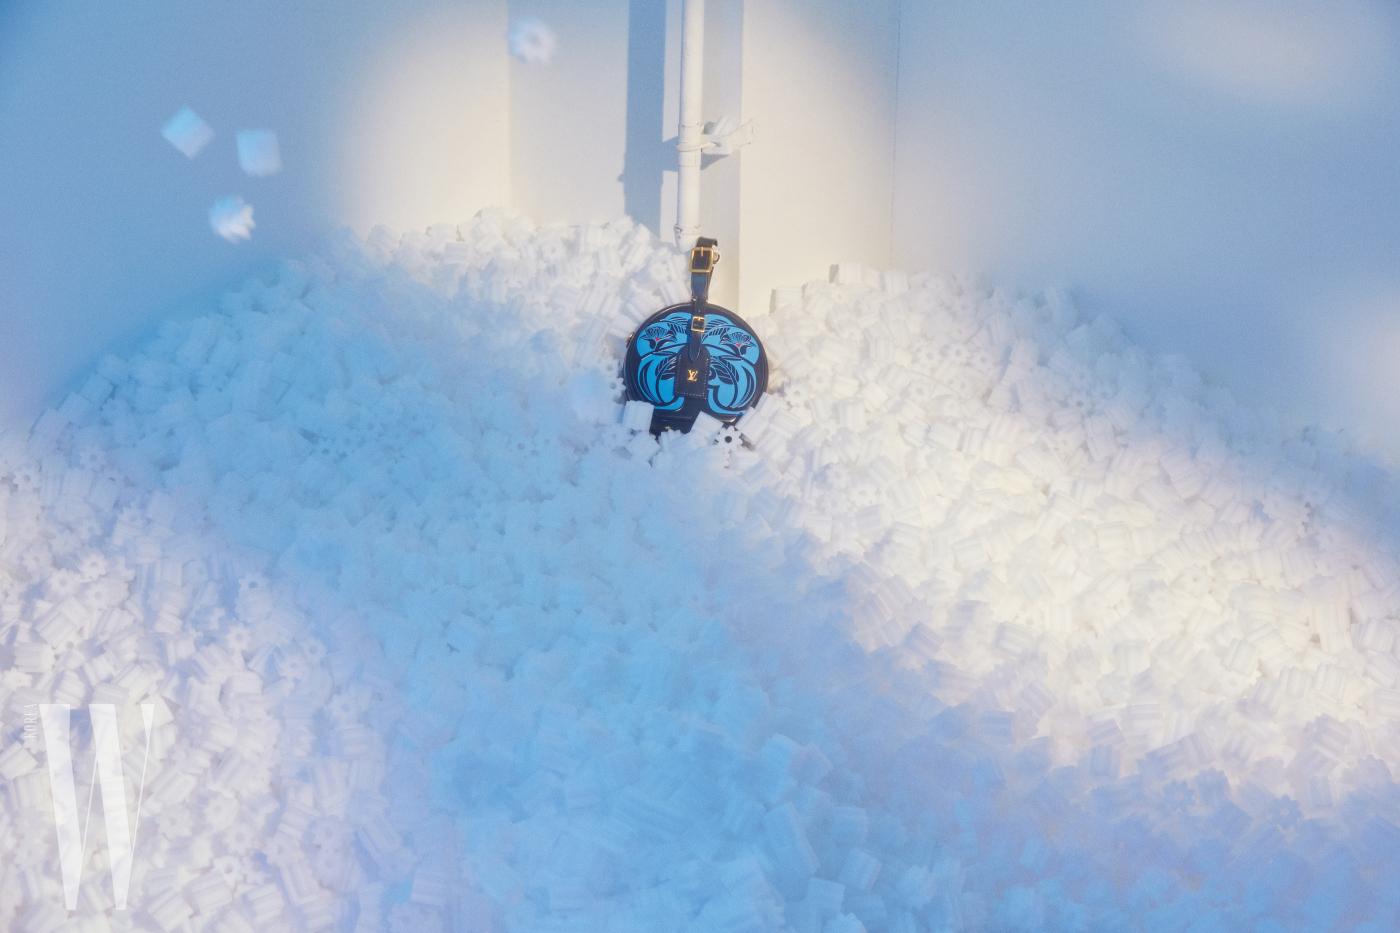 그래픽적인 꽃무늬가 인상적인 쁘띠뜨 부아뜨 샤포 백은 루이 비통 제품. 5백33만원.